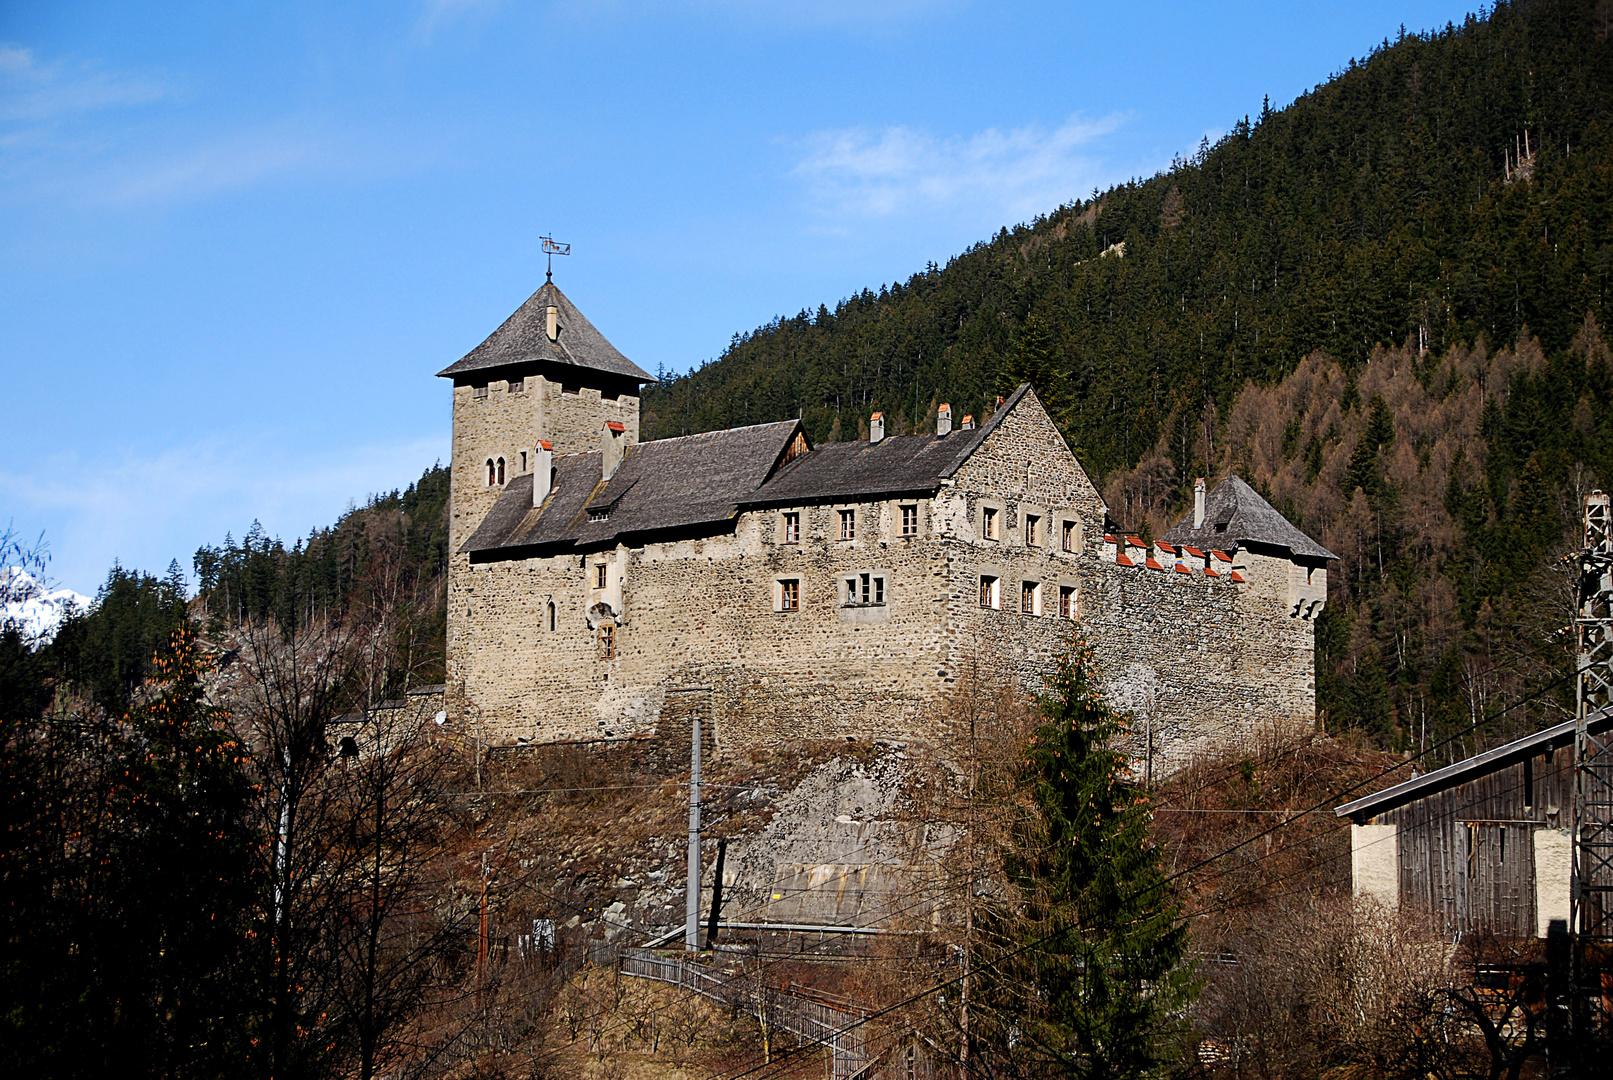 Schloss Wiesberg